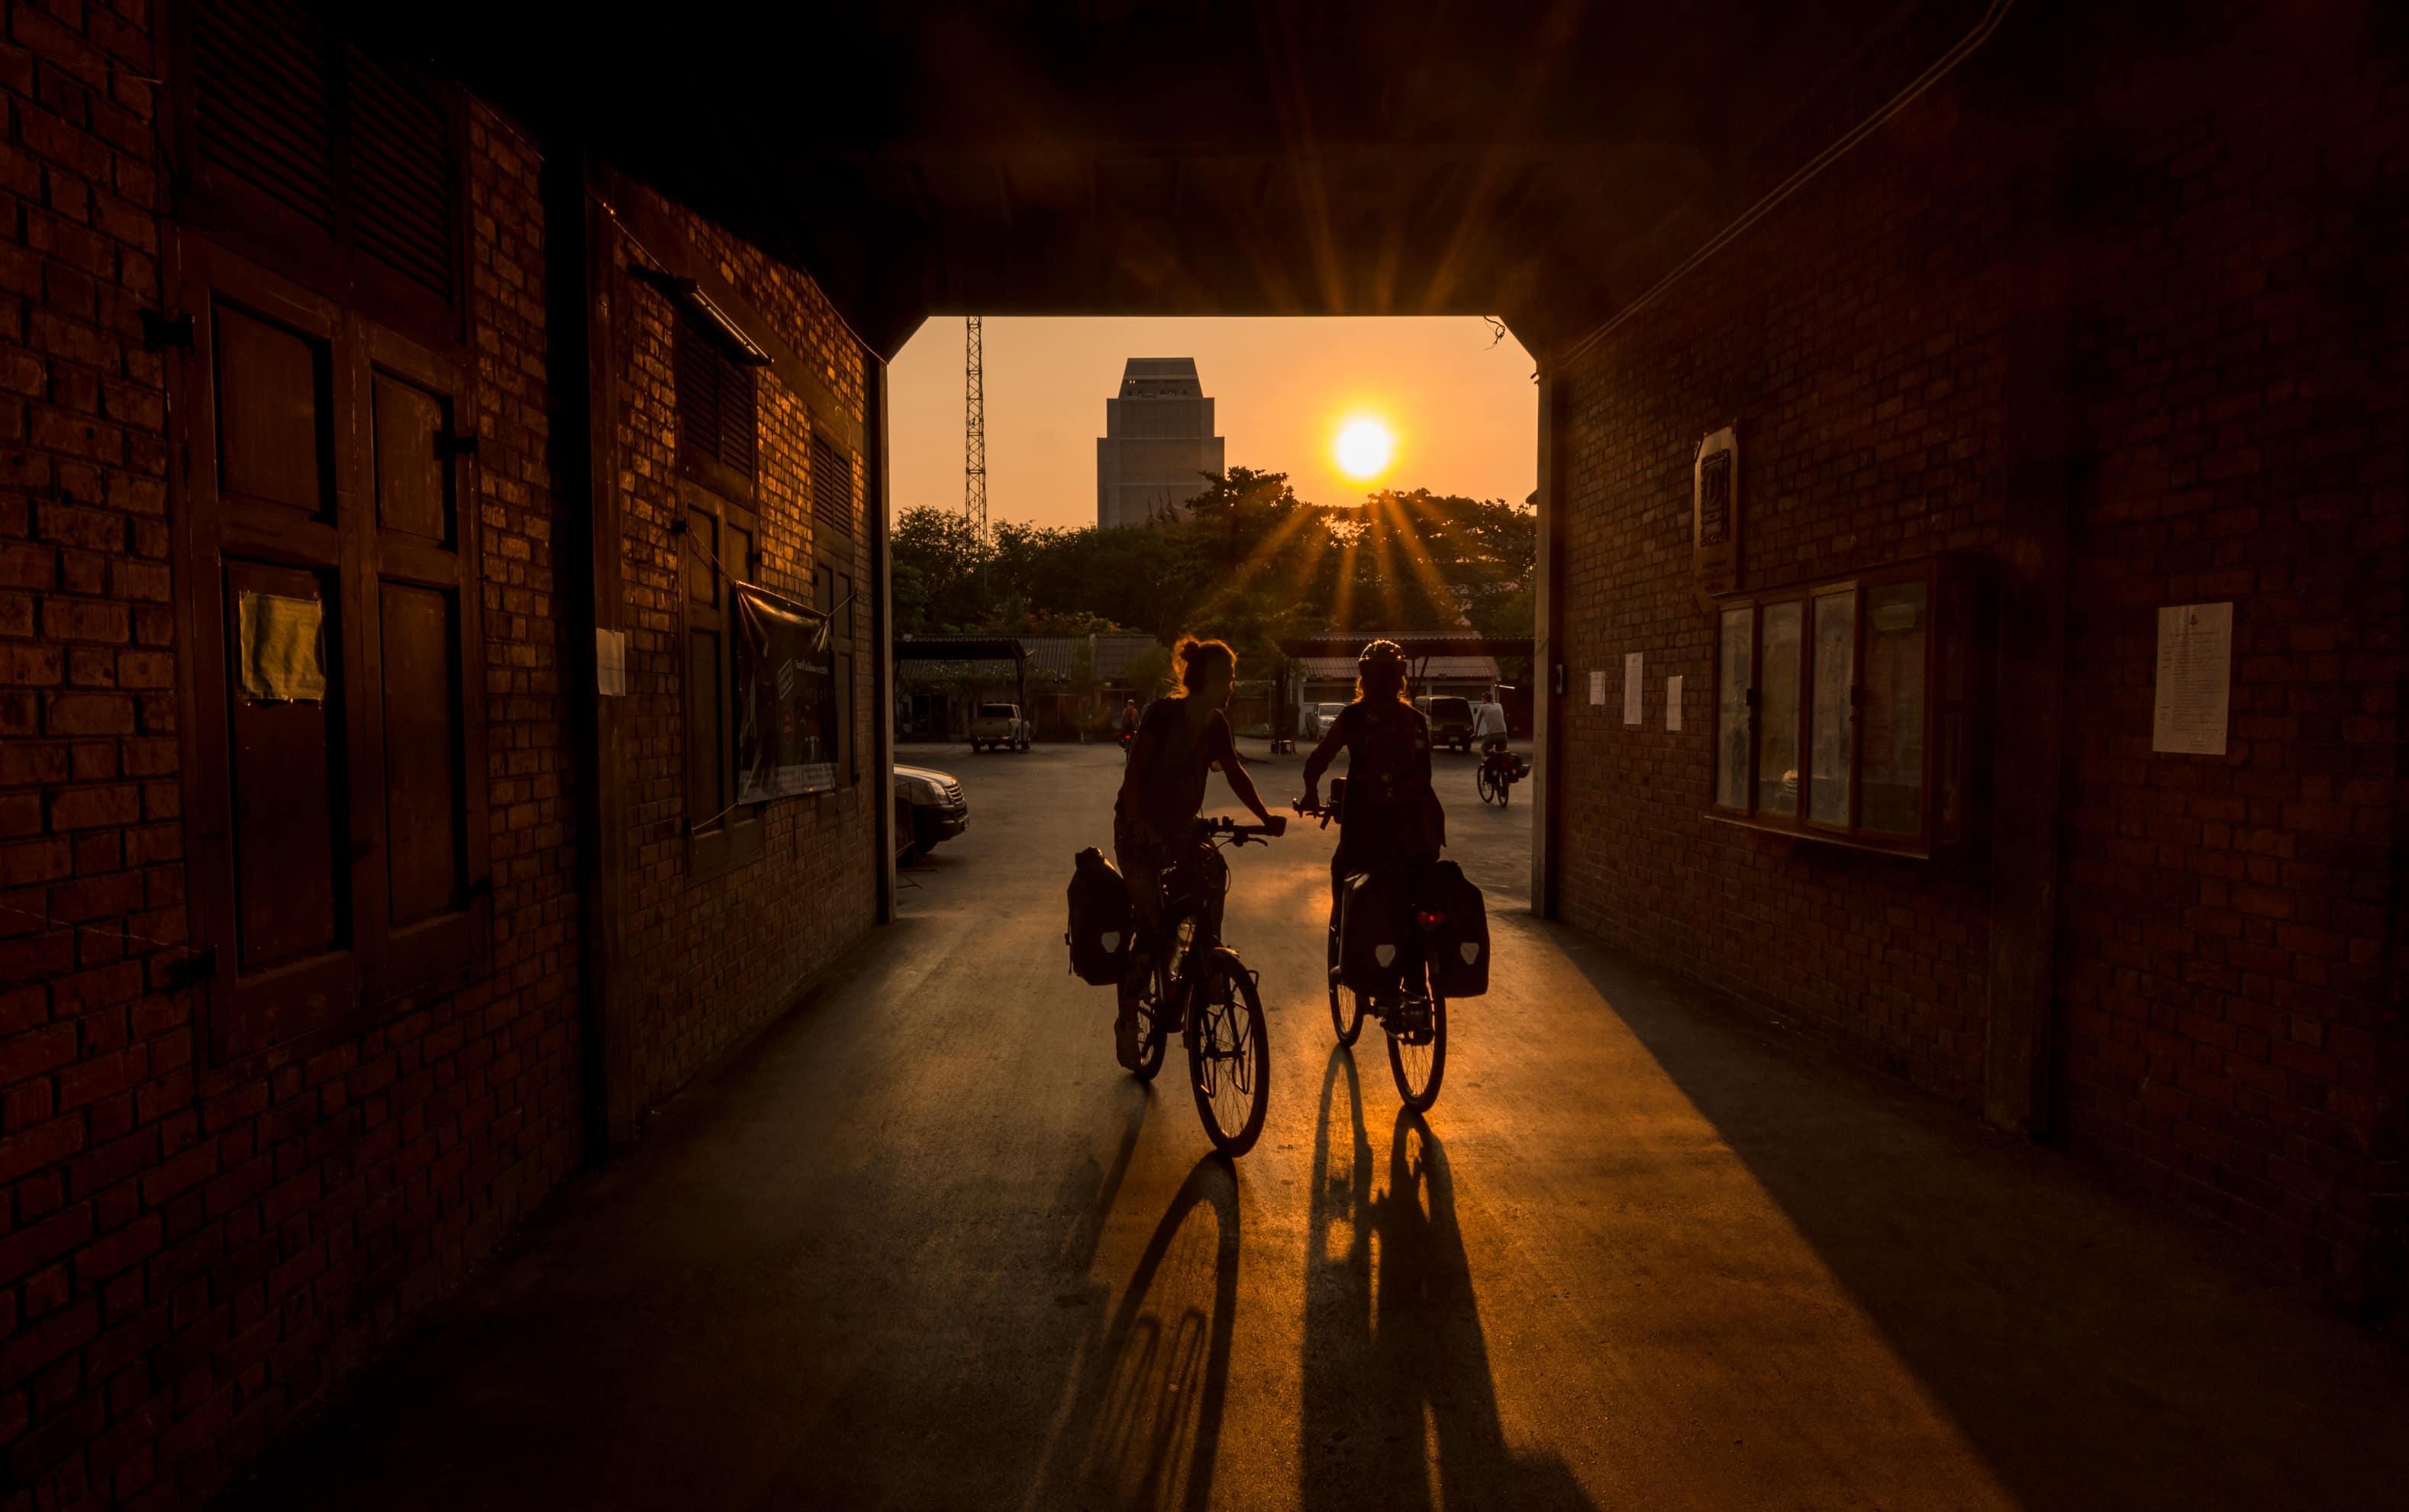 bangkok sunset bike, bangkok adventure, bangkok food and temples, rent bike in bangkok